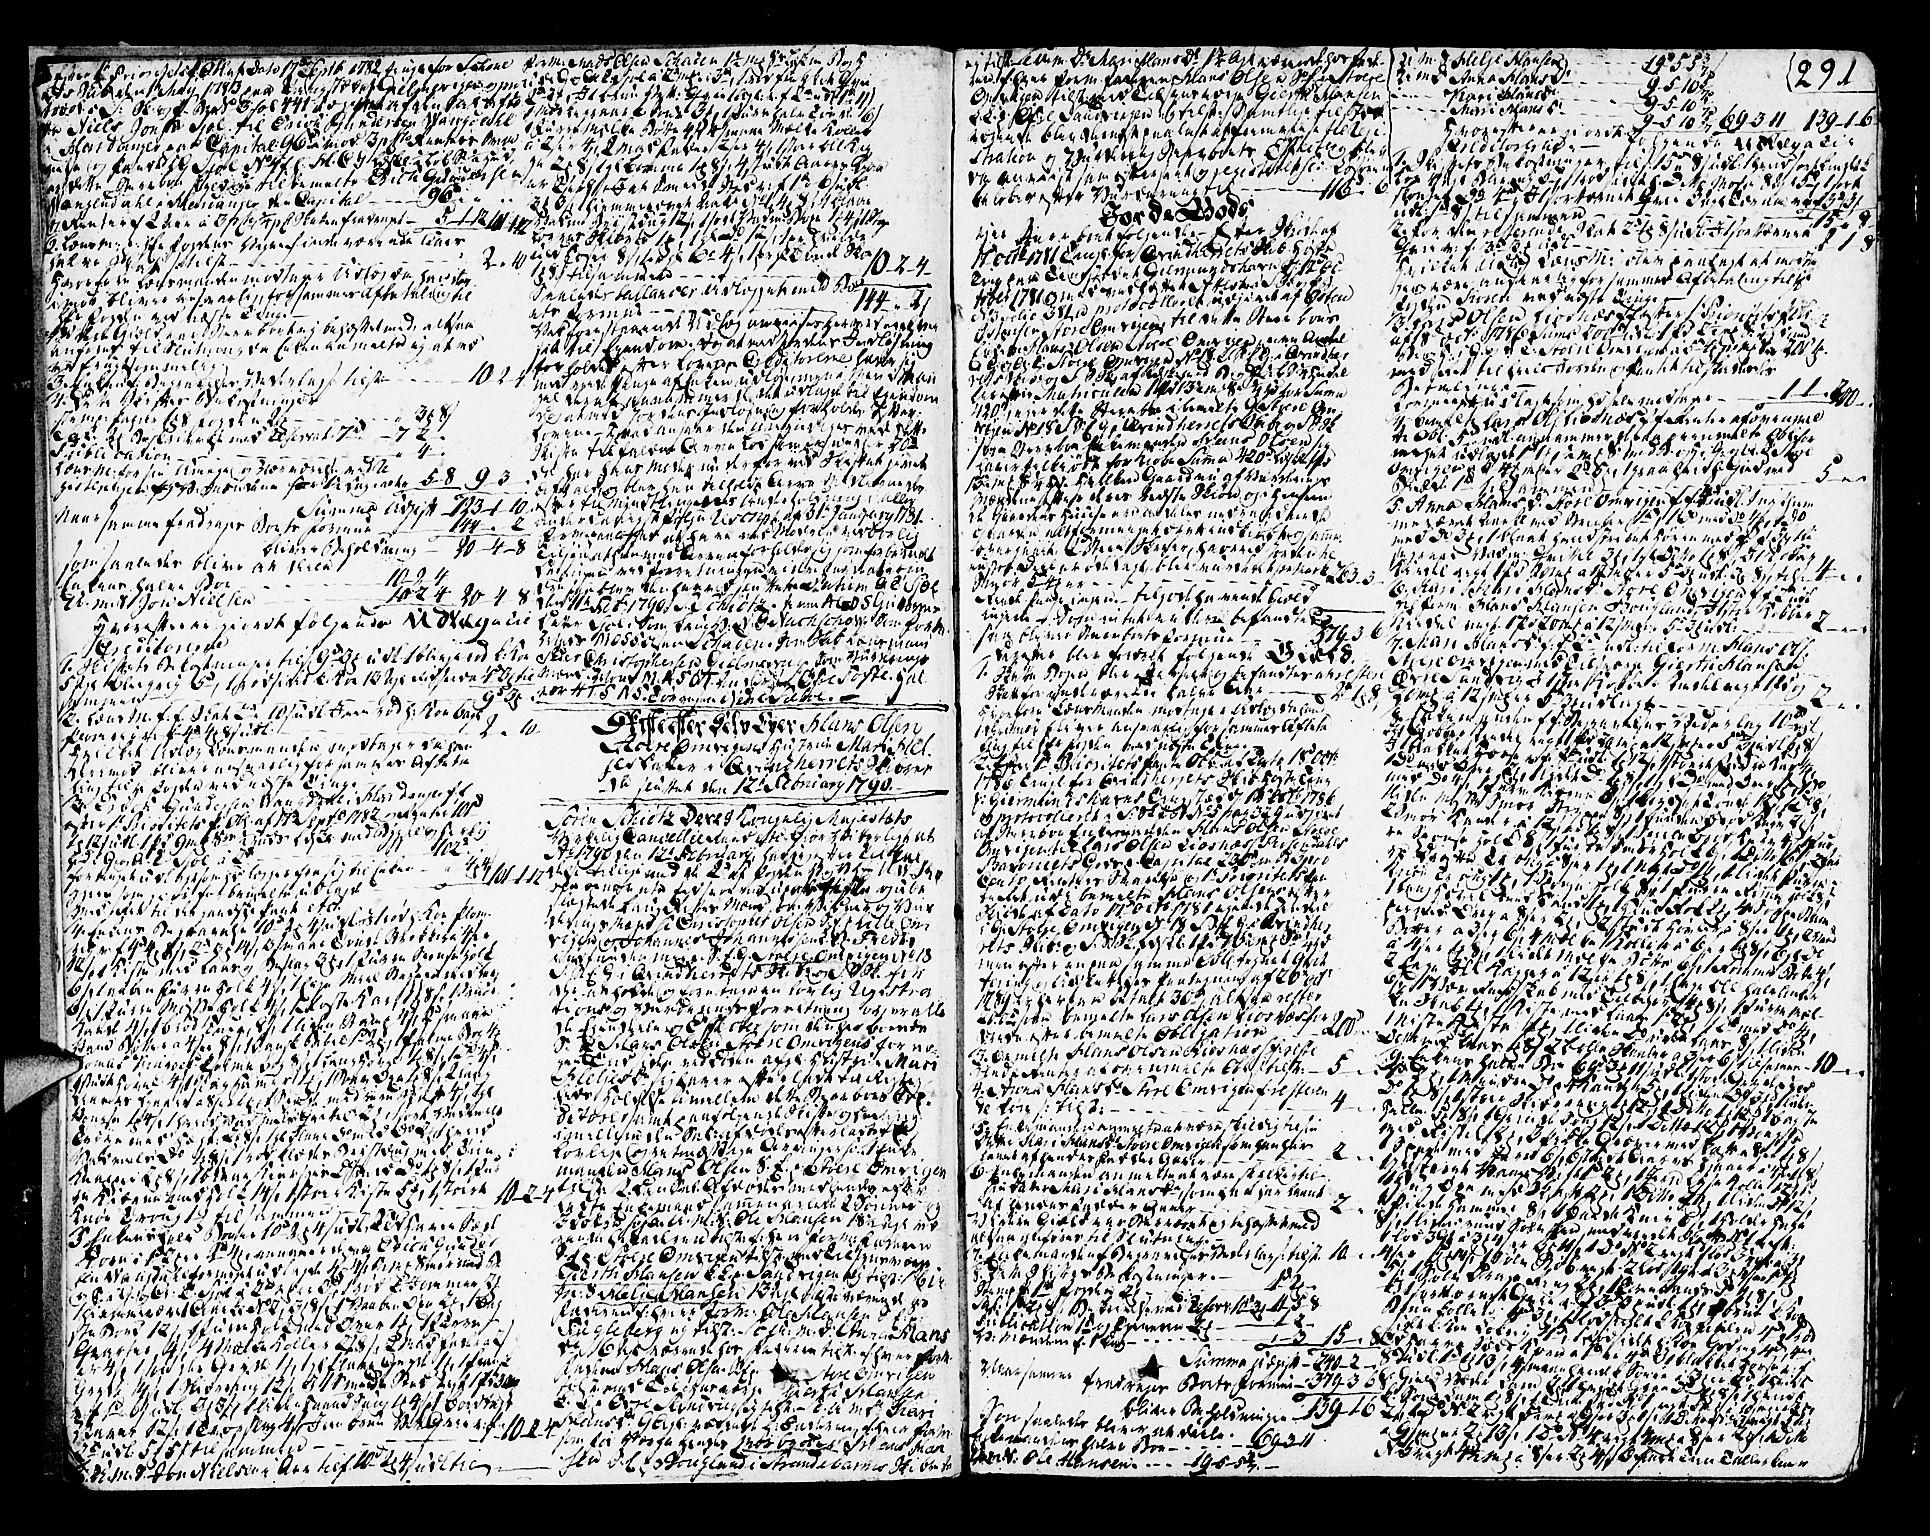 SAB, Sunnhordland sorenskrivararkiv, H/Haa/L0010: Skifteprotokollar. Register i protokoll. Fol. 565-ut, 1790-1792, s. 290b-291a